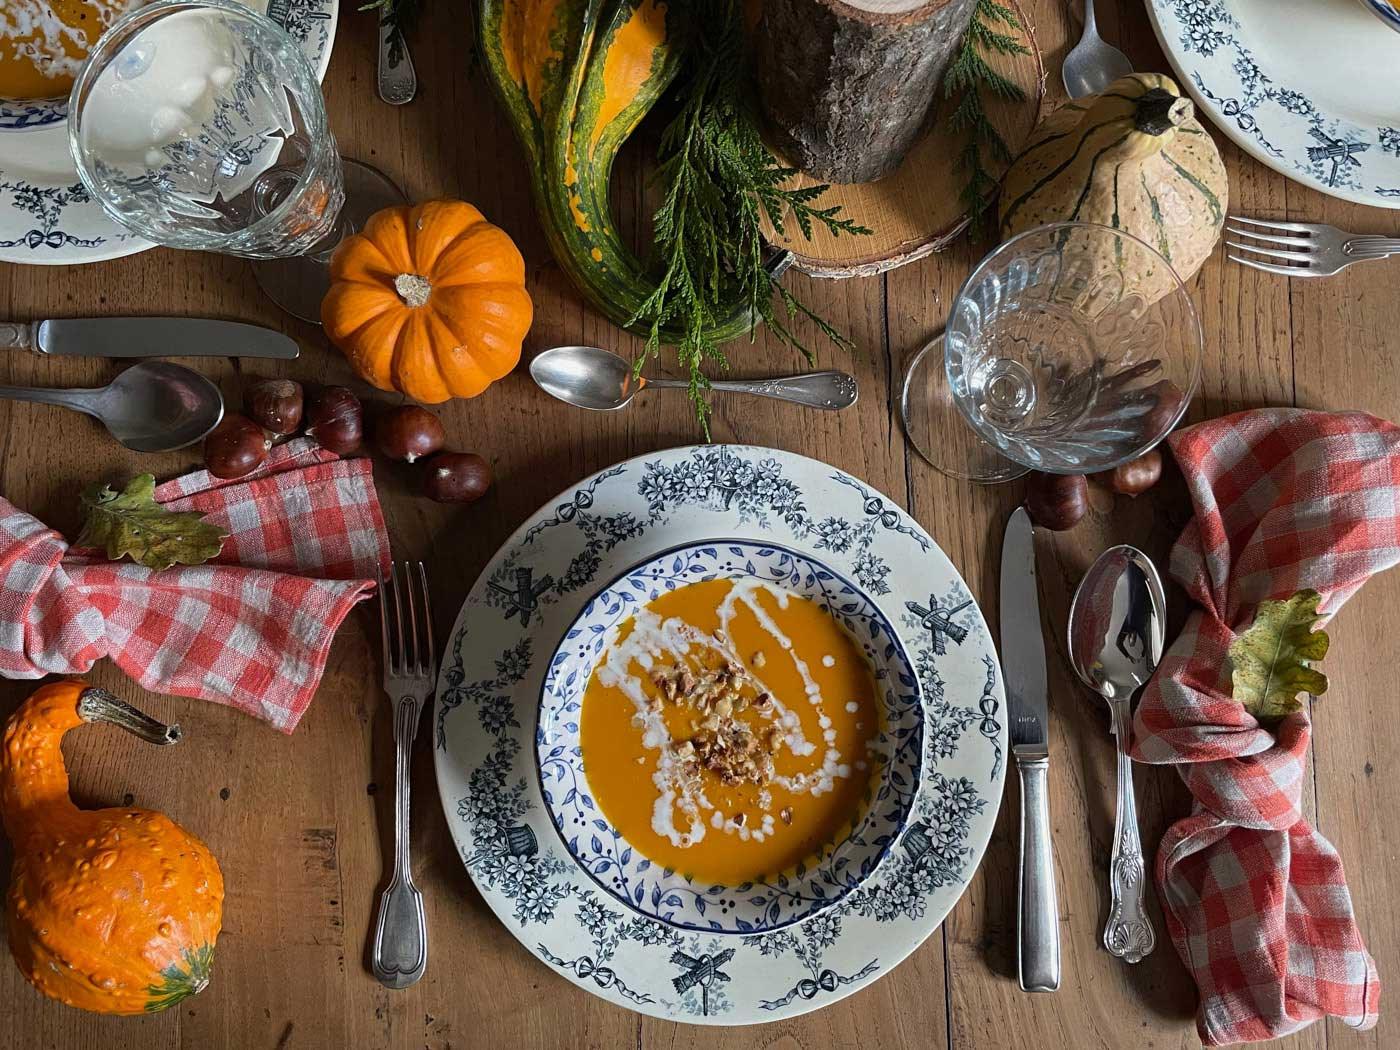 automne-table-vintage-recette-soupe-potiron-fall-tablescape-pumpkin-05